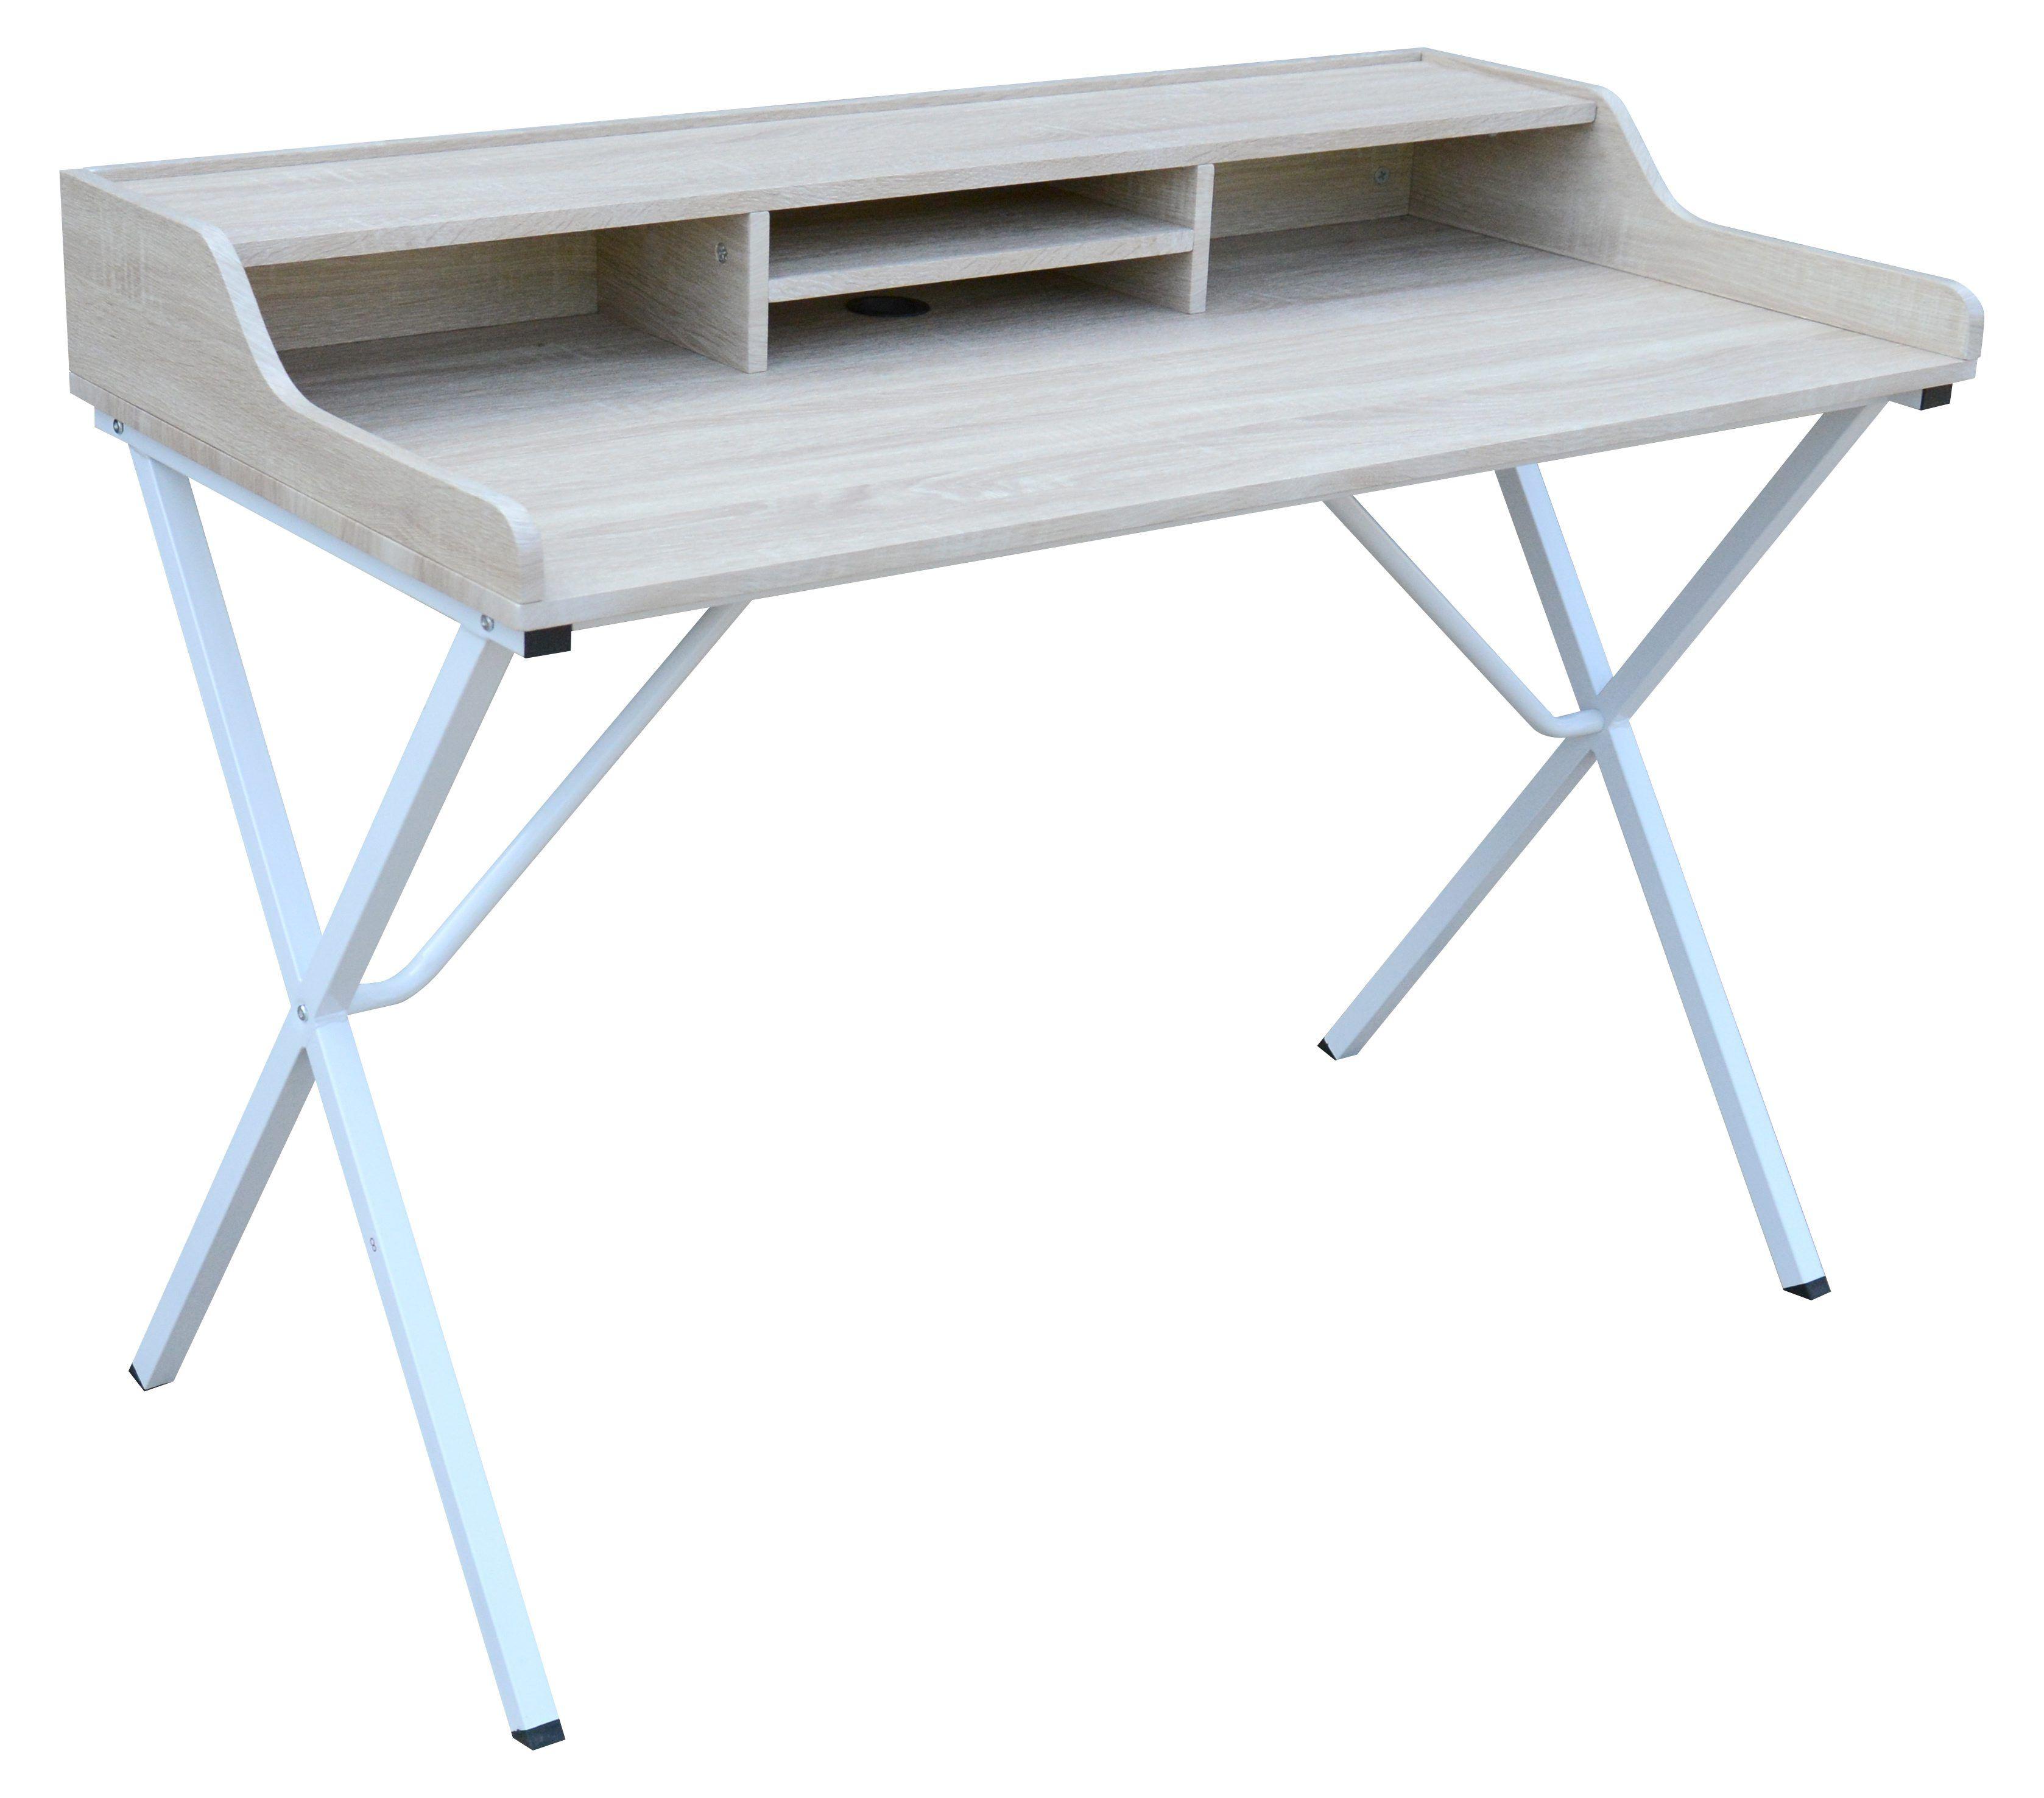 Pour Une Piece Design Le Bureau Arpege Chene Et Blanc S Accordera Parfaitement But Mobilier De Salon Meuble Canape Achat Meuble